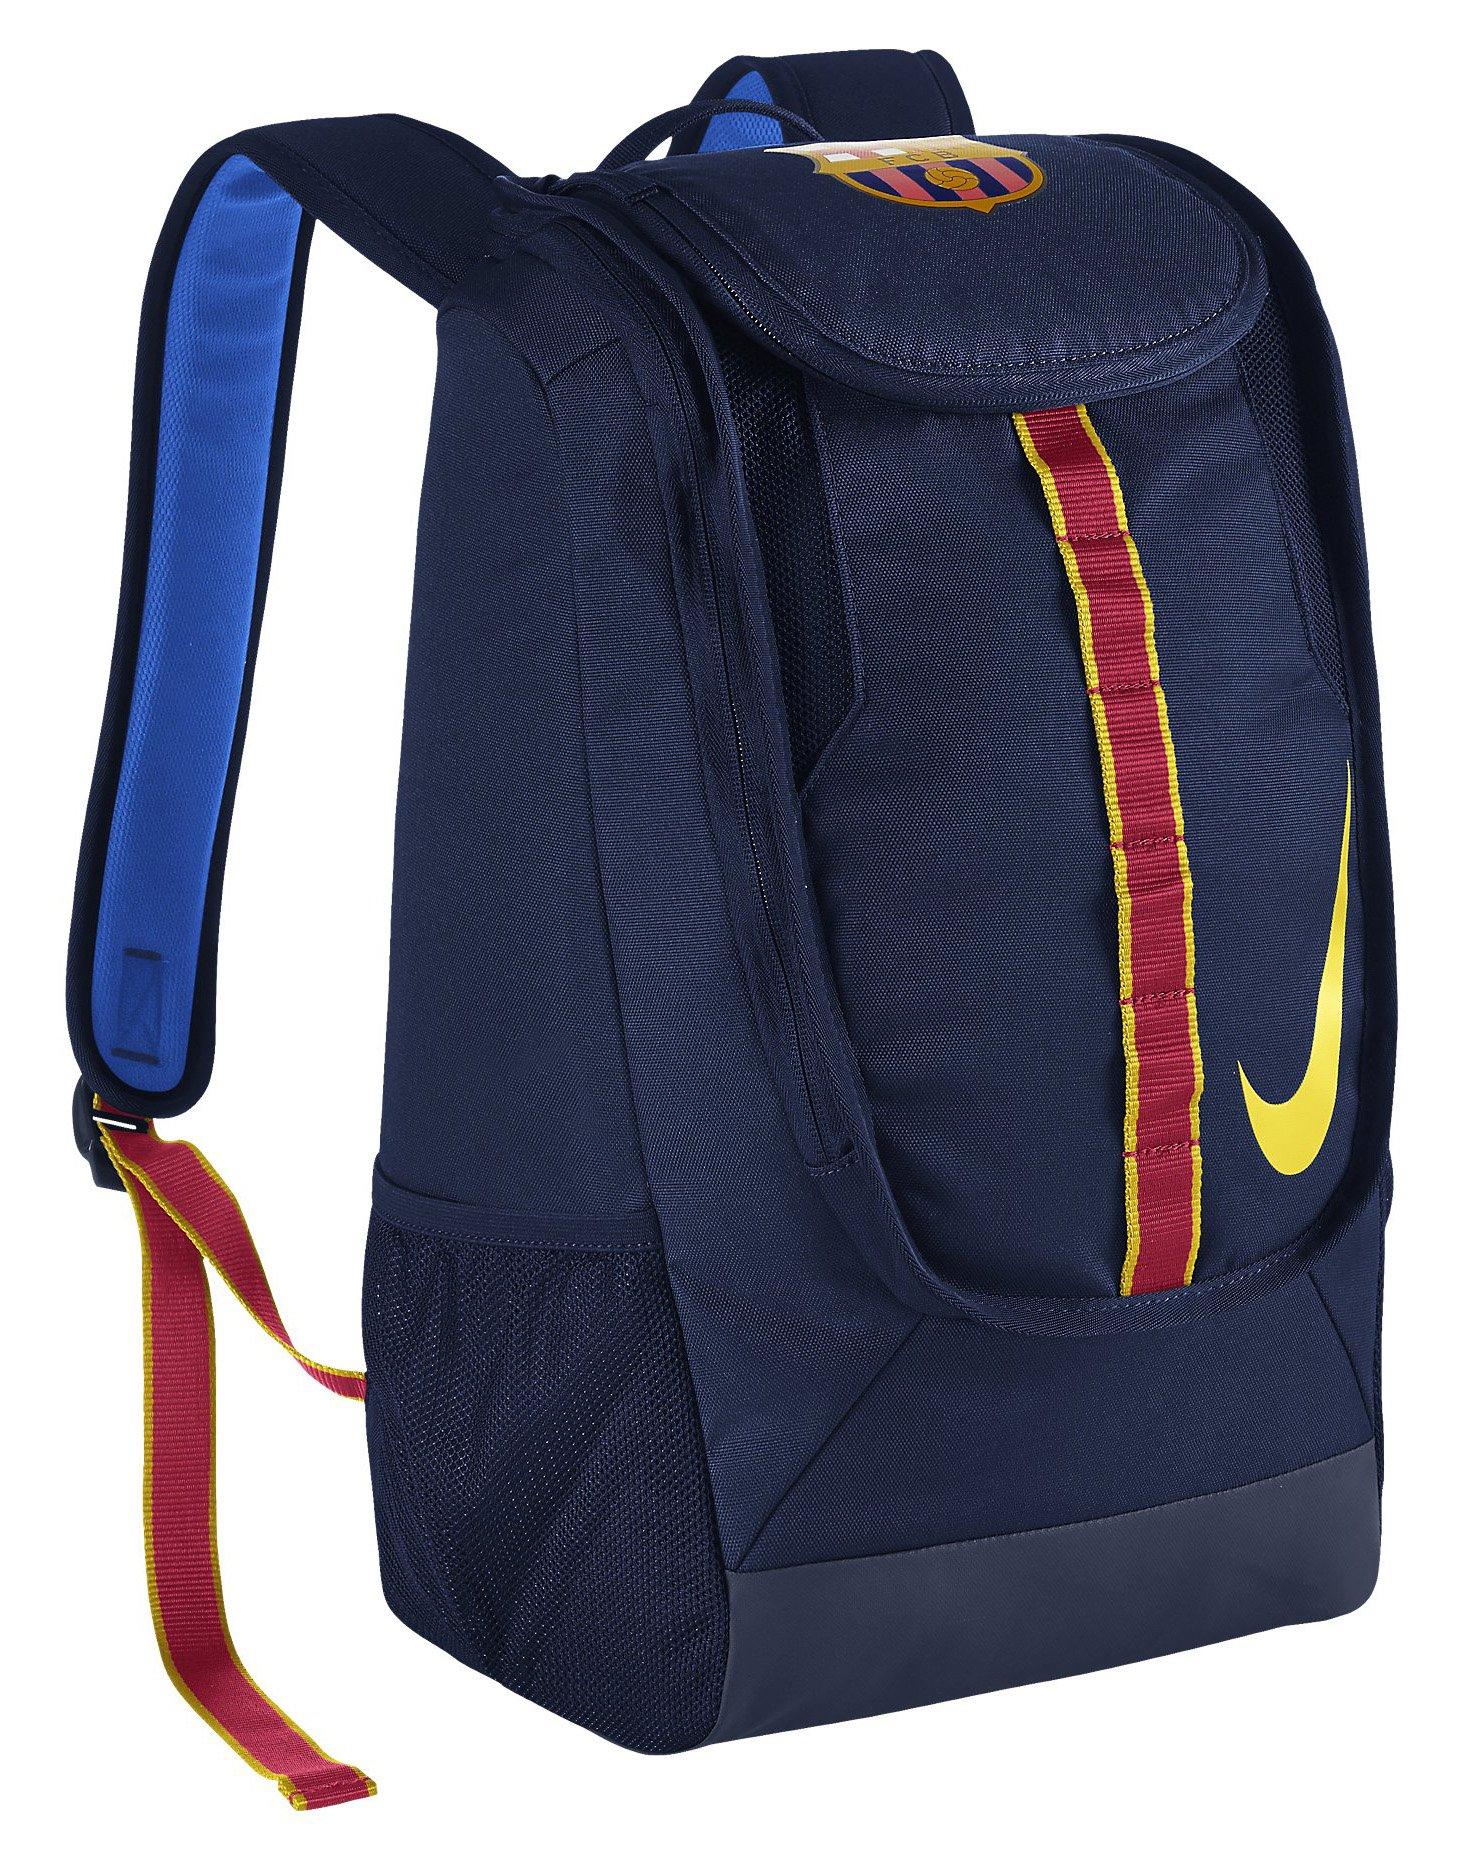 Batoh Nike Allegiance Barca